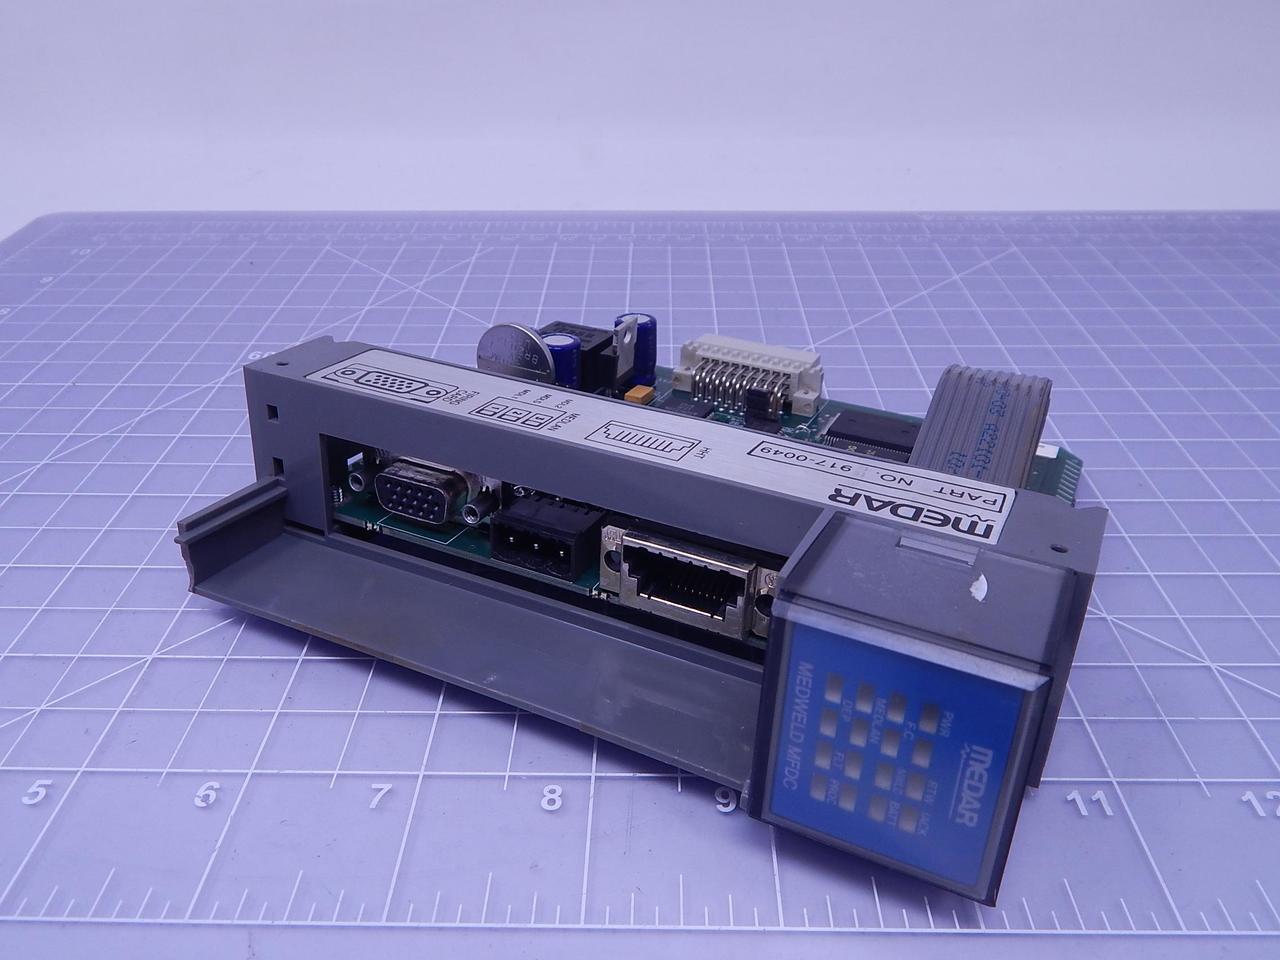 Medar 917 0049 Weld Control Module Processor Card T120798 For Sale